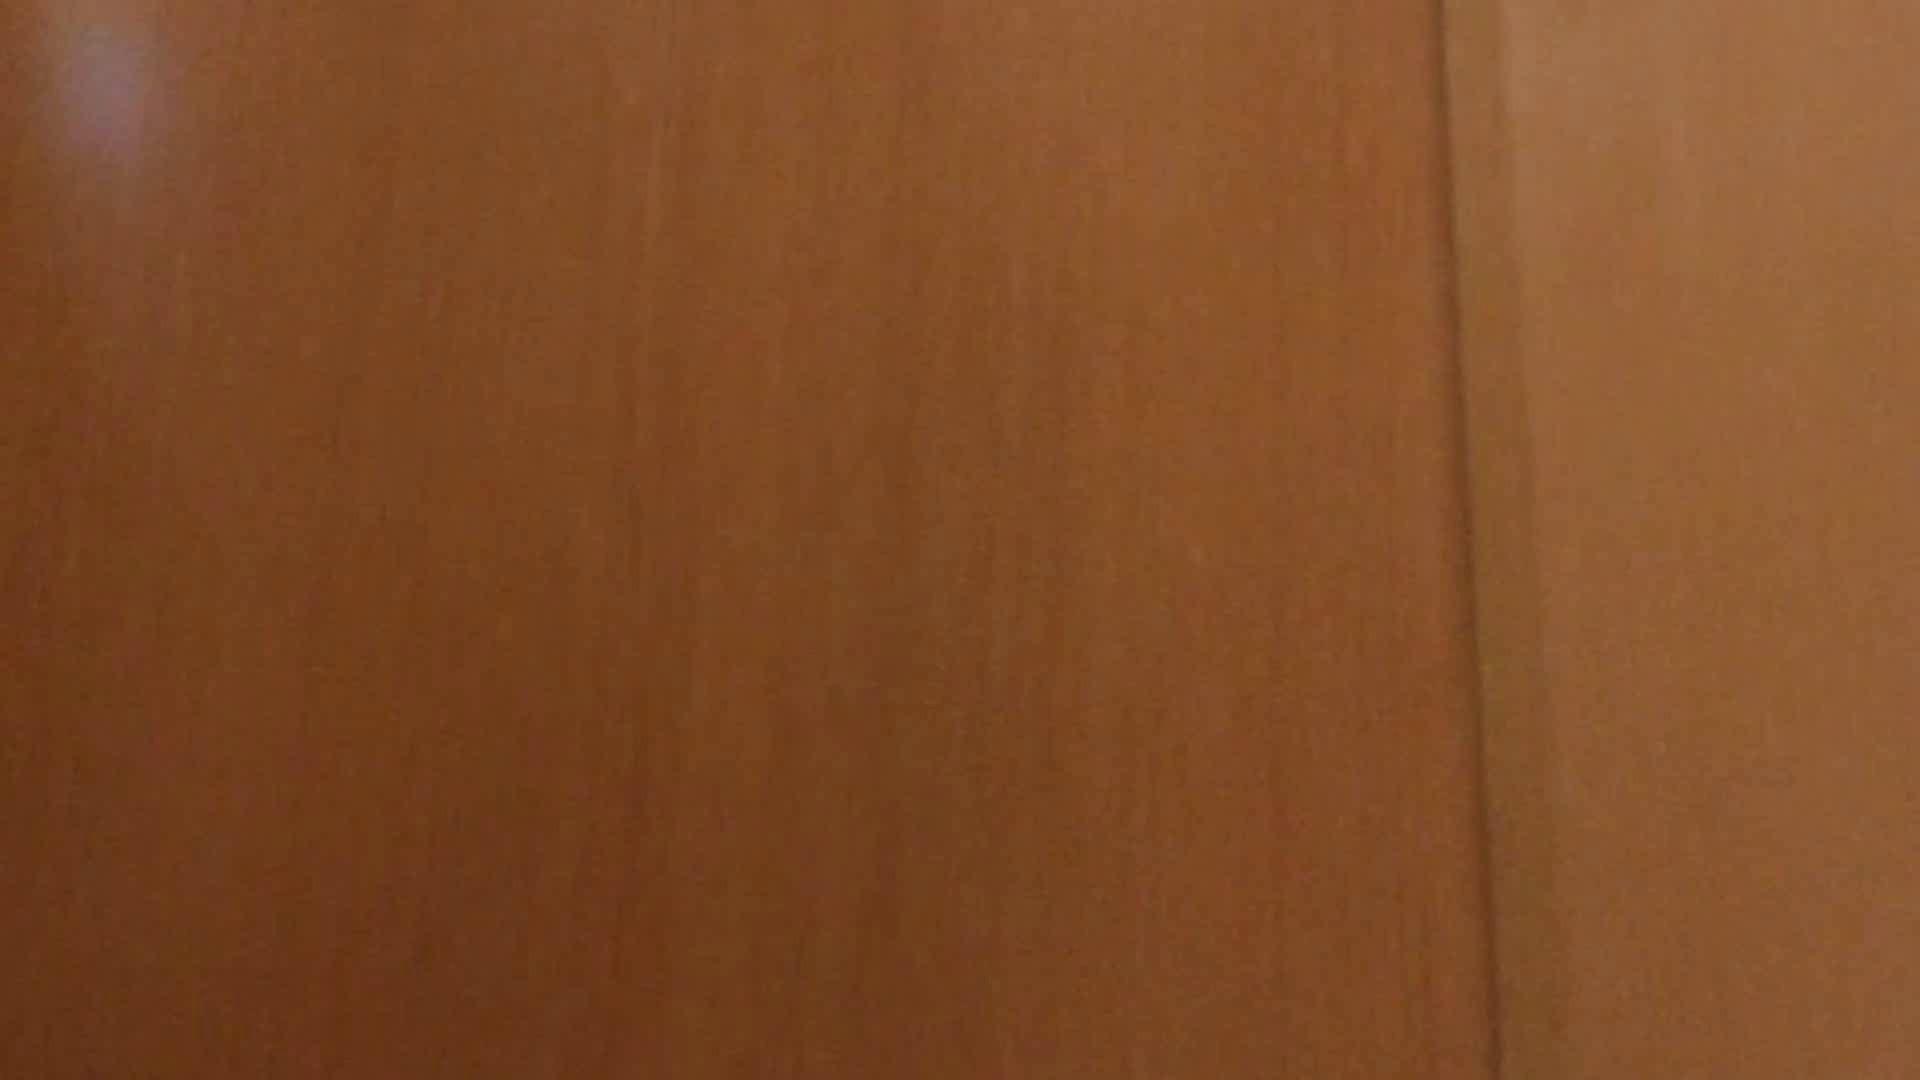 「噂」の国の厠観察日記2 Vol.02 綺麗なOLたち  96枚 69